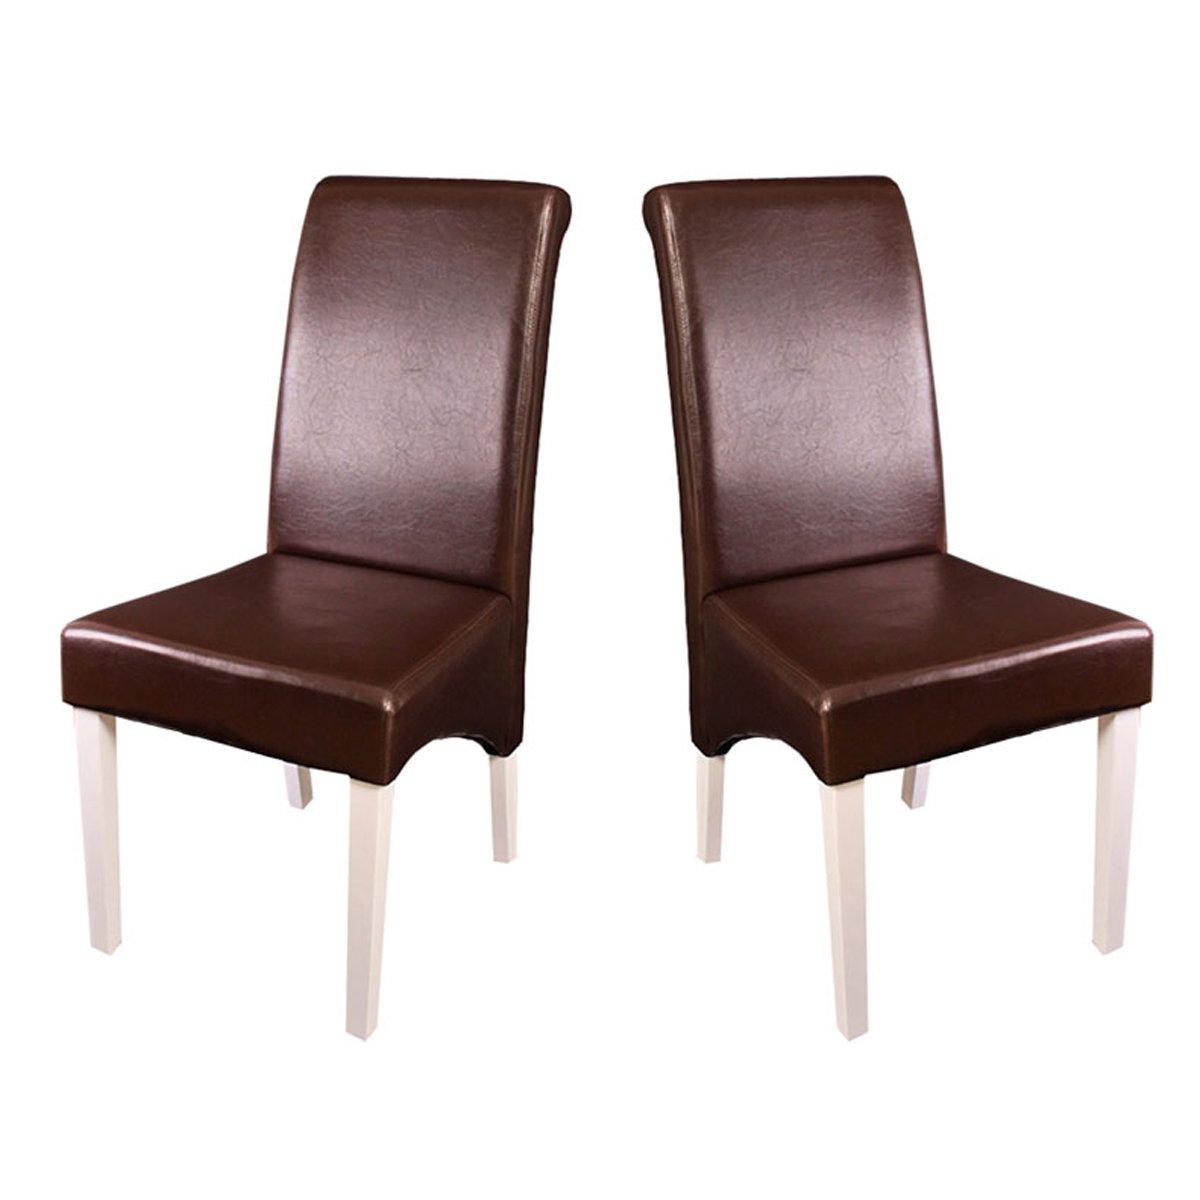 Lote de 2 sillas de comedor turin en piel marr n y patas for Sillas de piel blancas